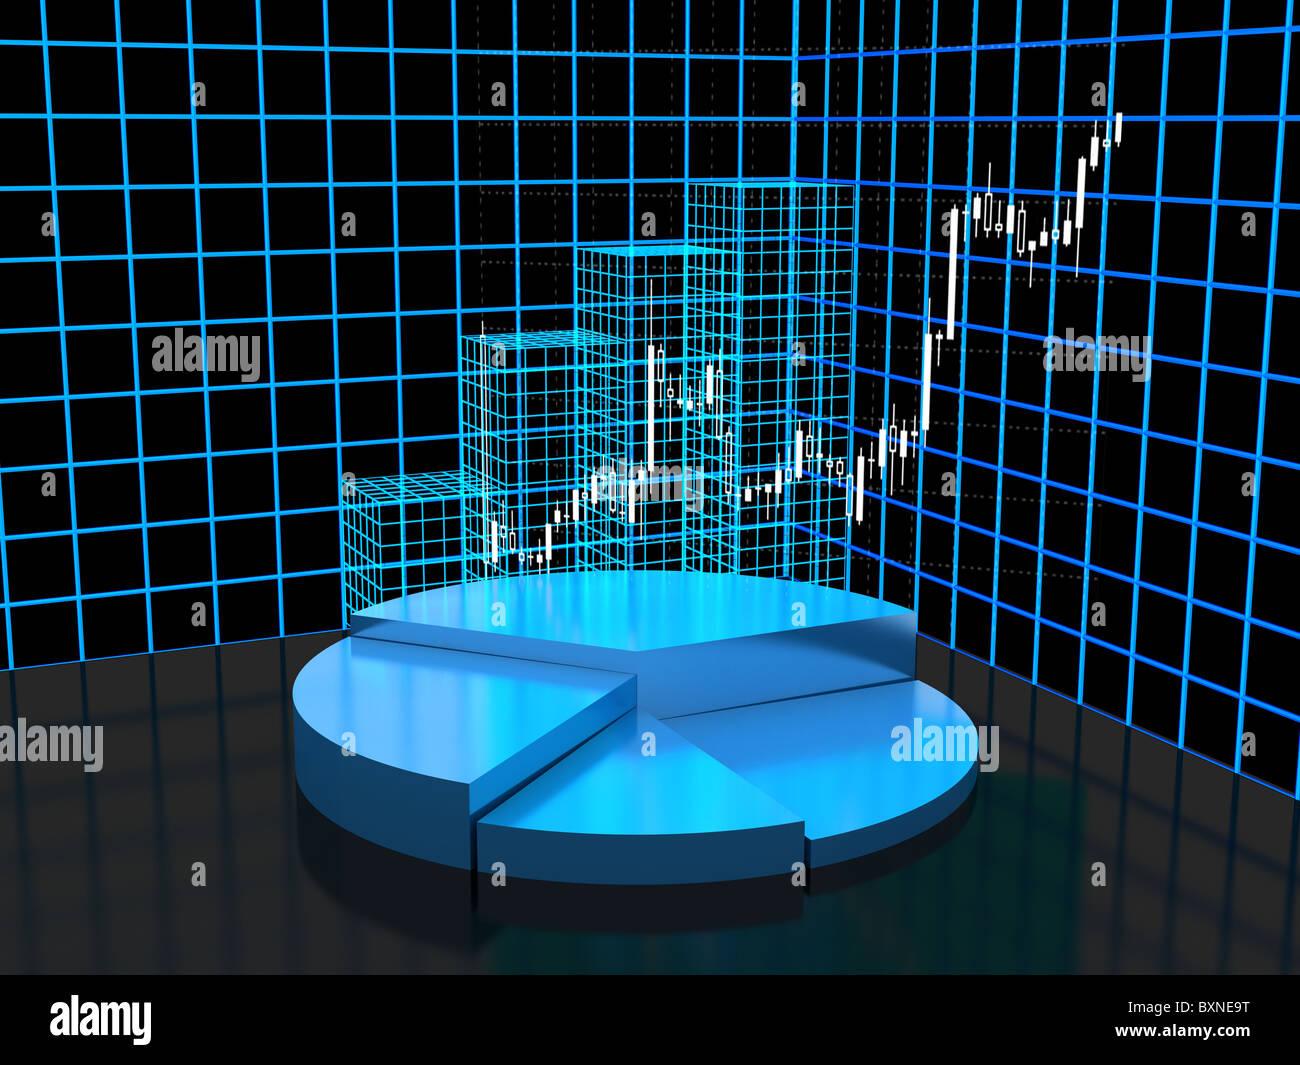 Resumen gráfico 3d para presentaciones de empresa Imagen De Stock